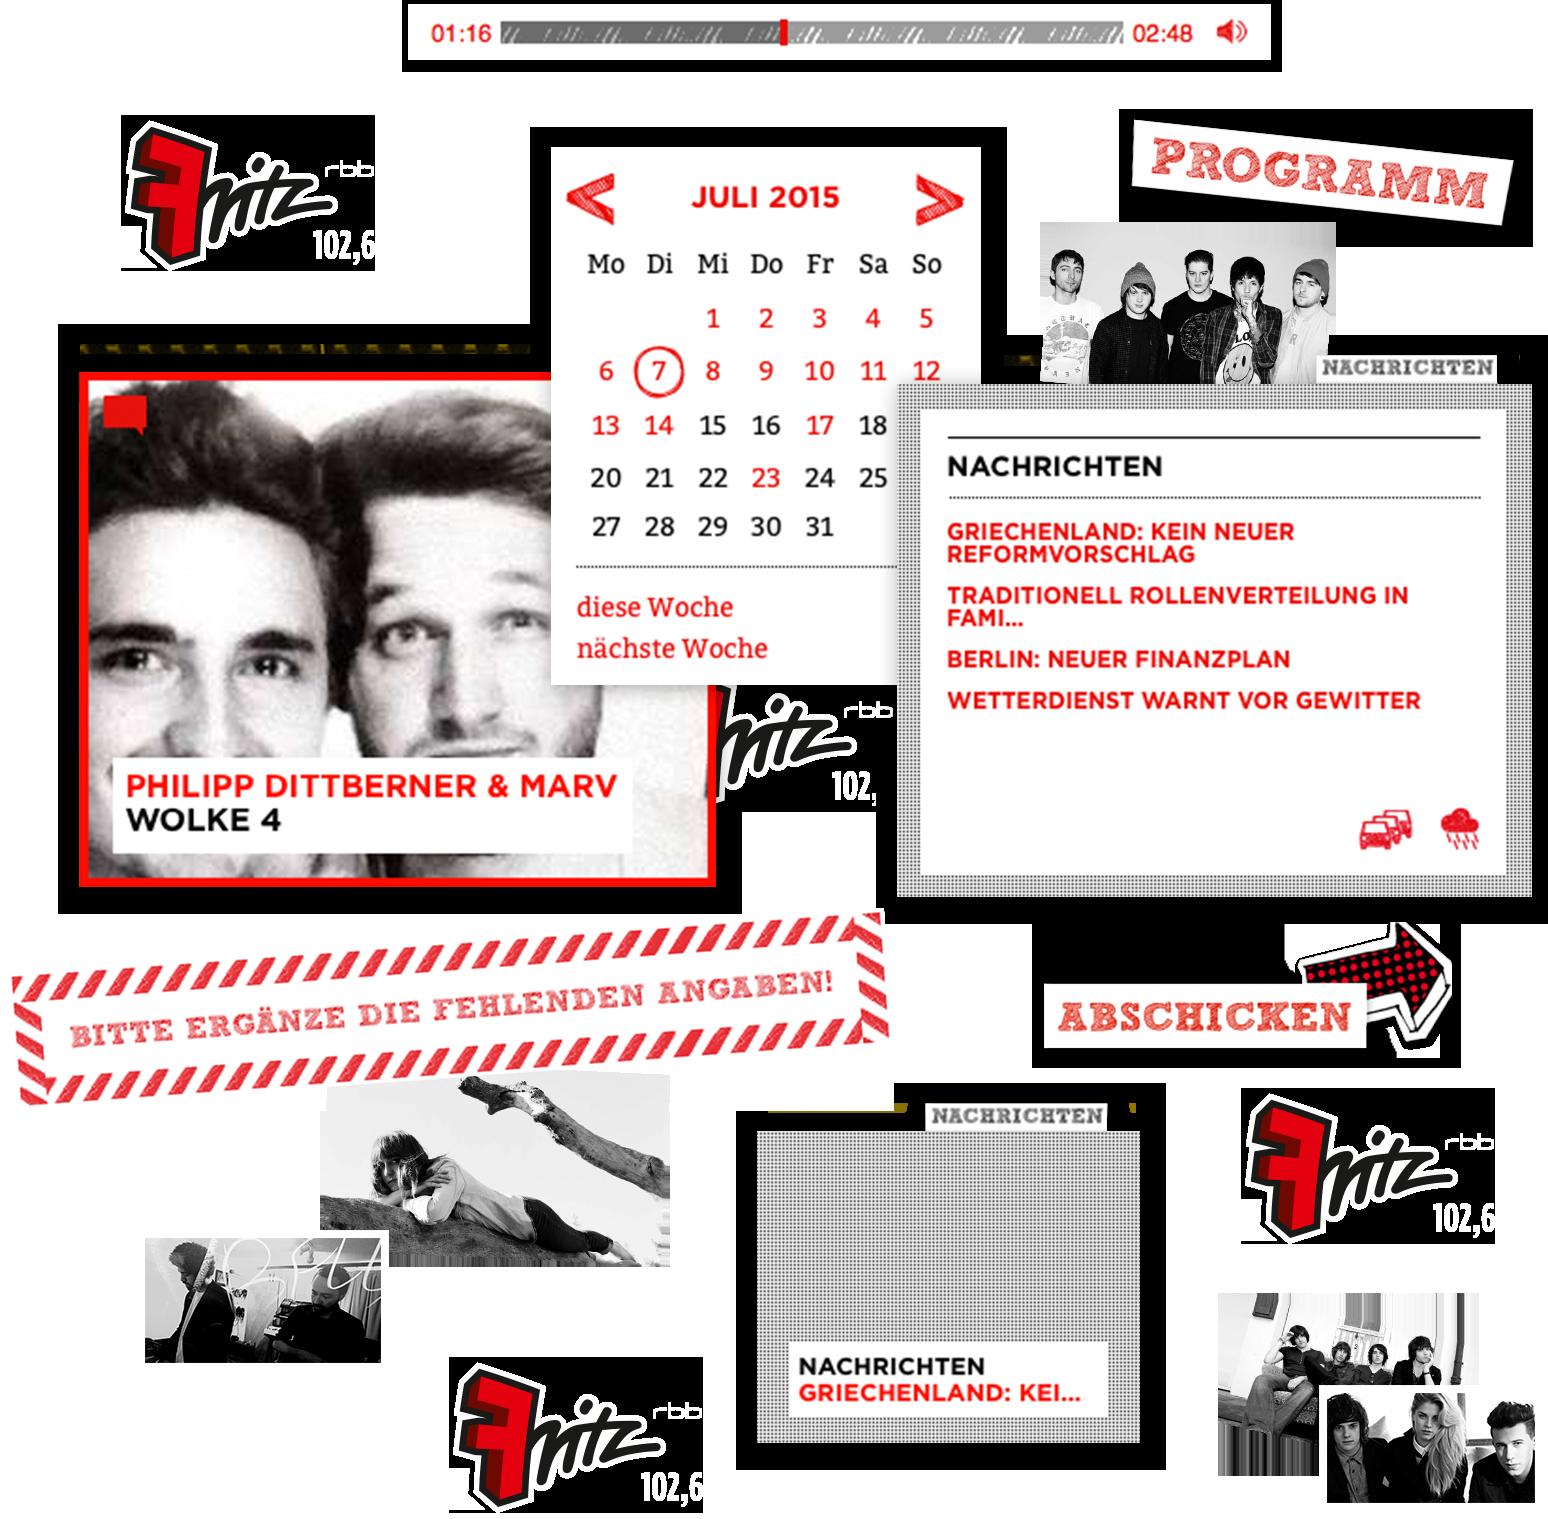 Fritz, Collage, rot, weiß, schwarz